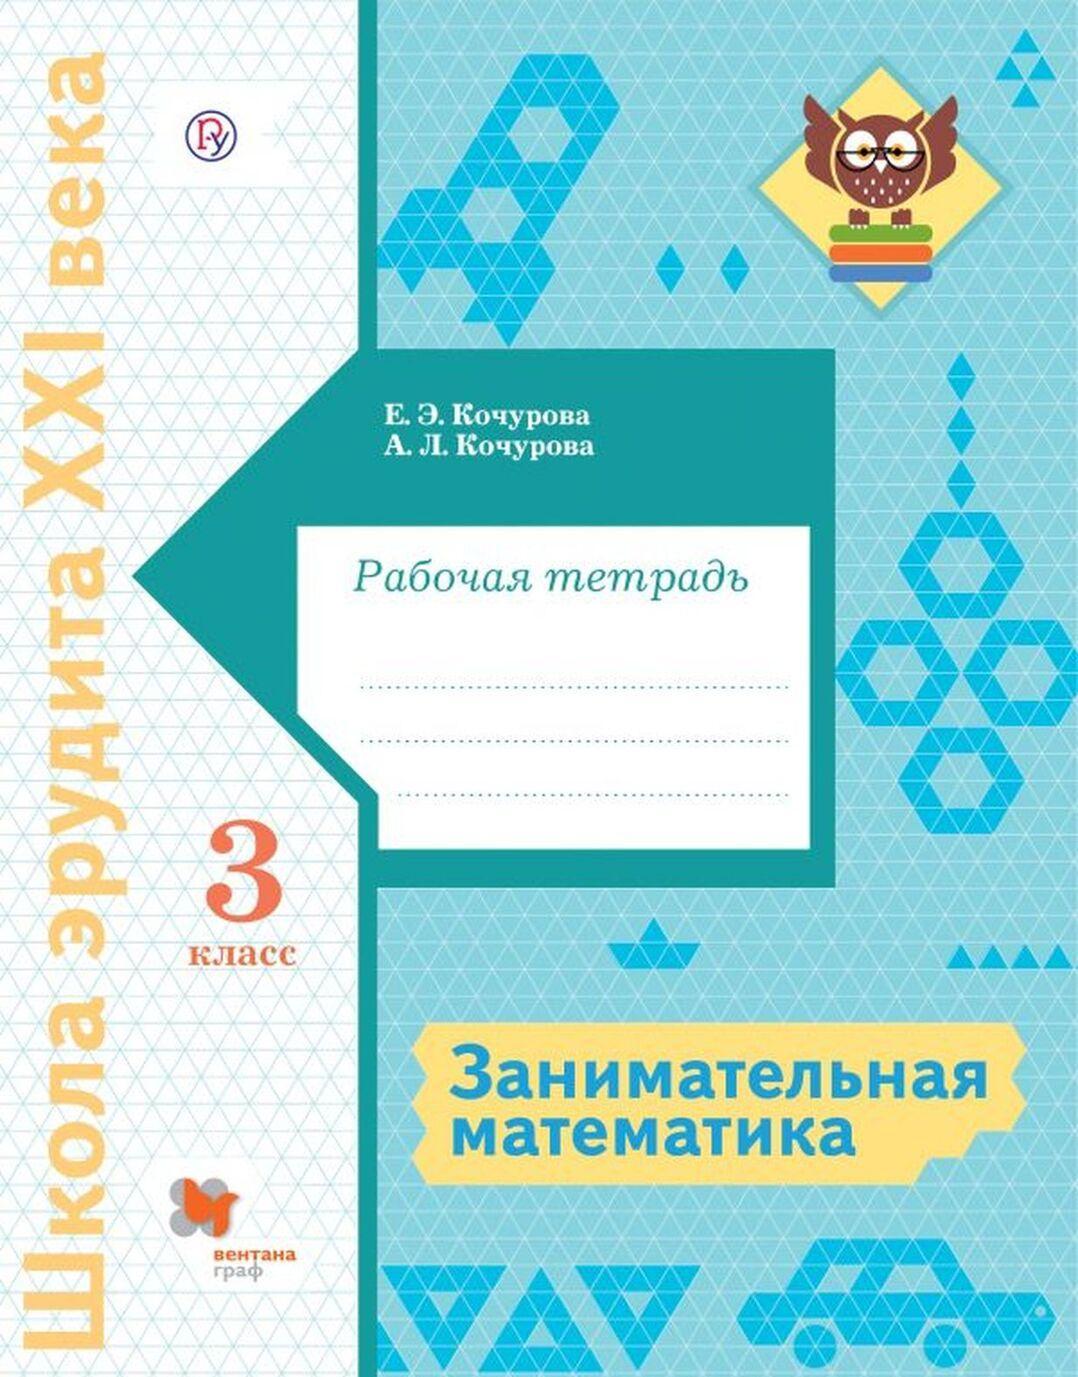 Zanimatelnaja matematika. Rabochaja tetrad. 3 klass | Kochurova Elena Eduardovna, Kochurova Anna Leonidovna